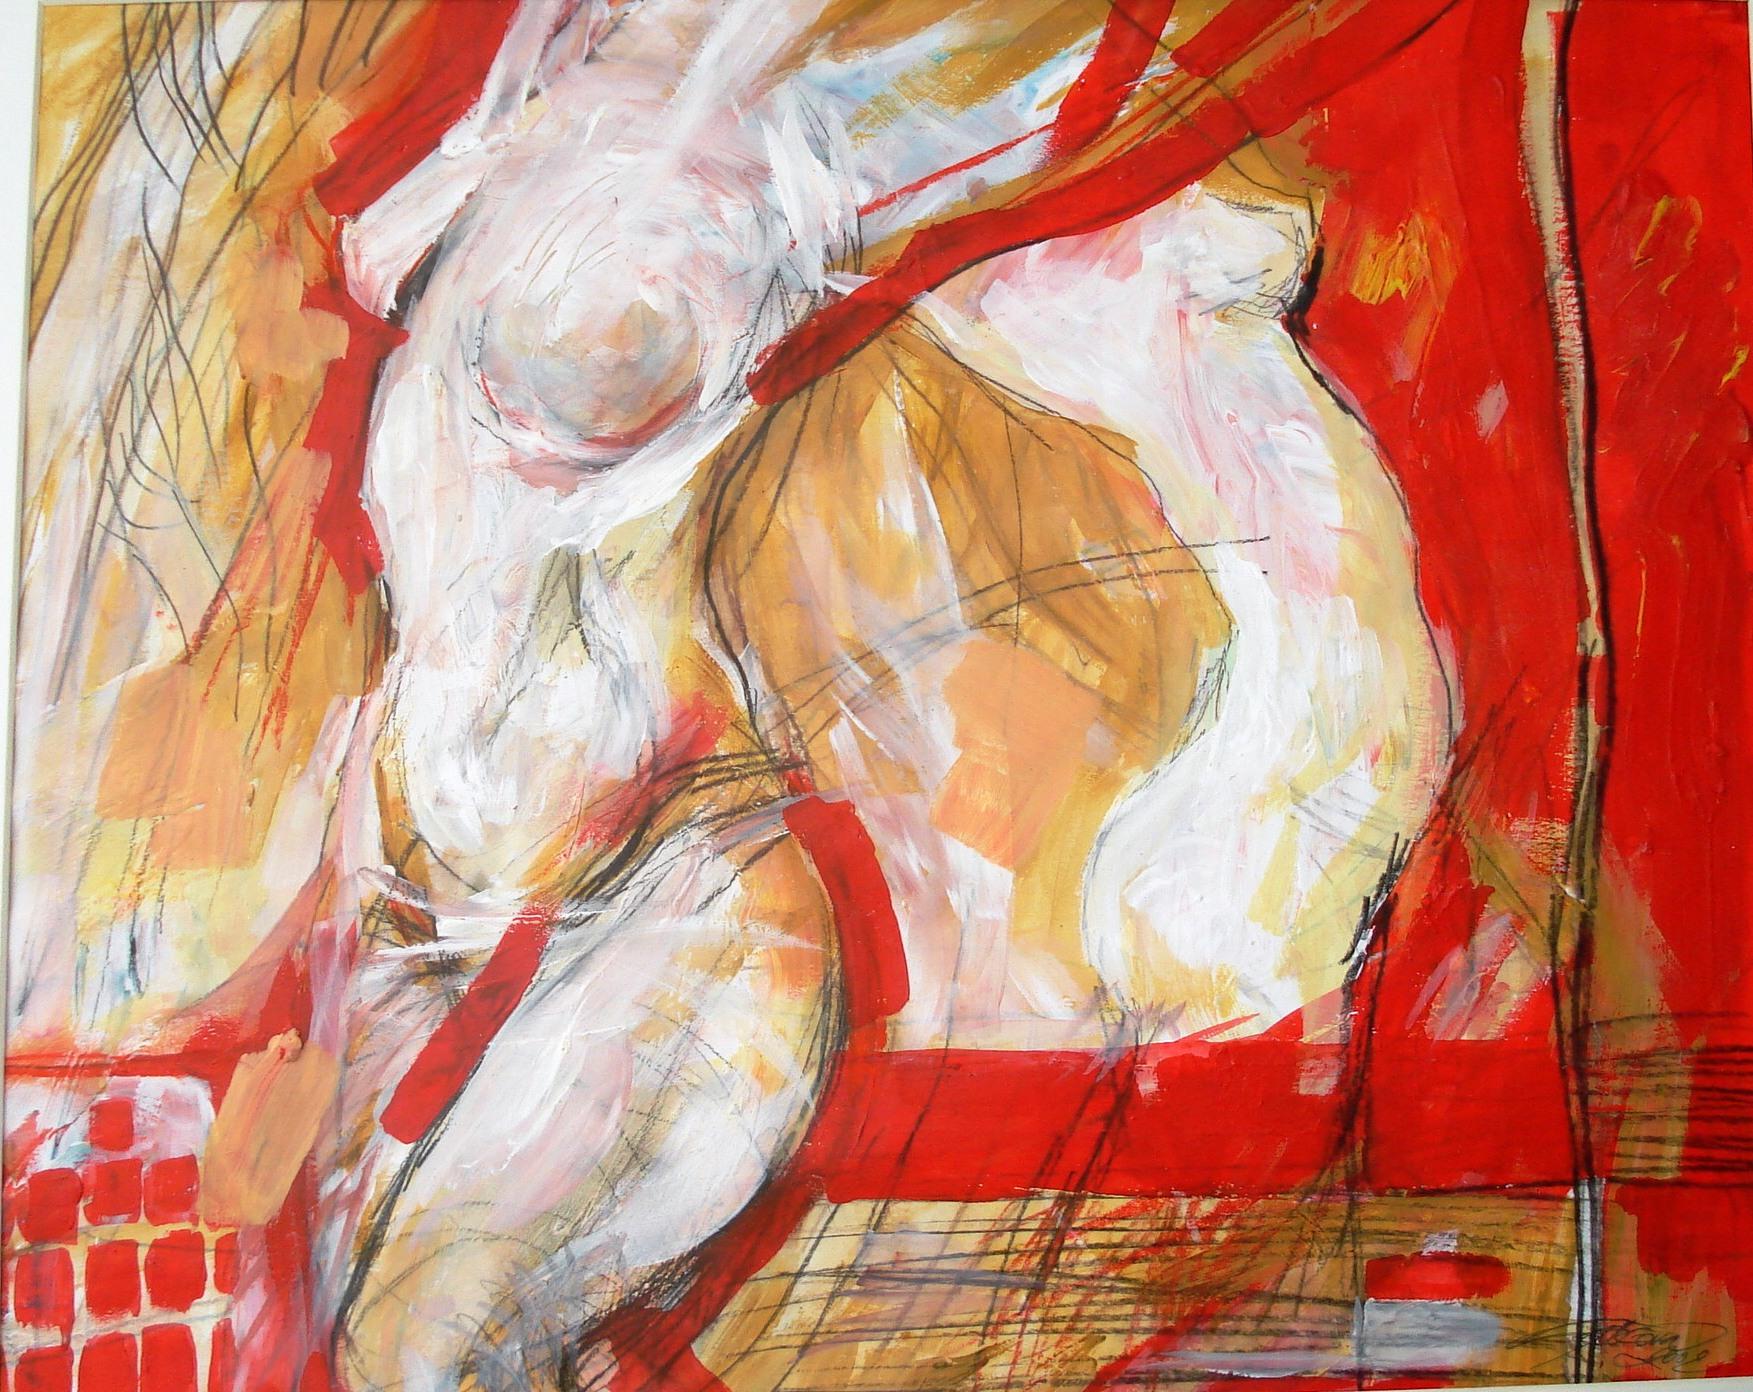 Ilustrácia: akad. mal. Veronika Lučeničová Gabčová PhD. (2009)